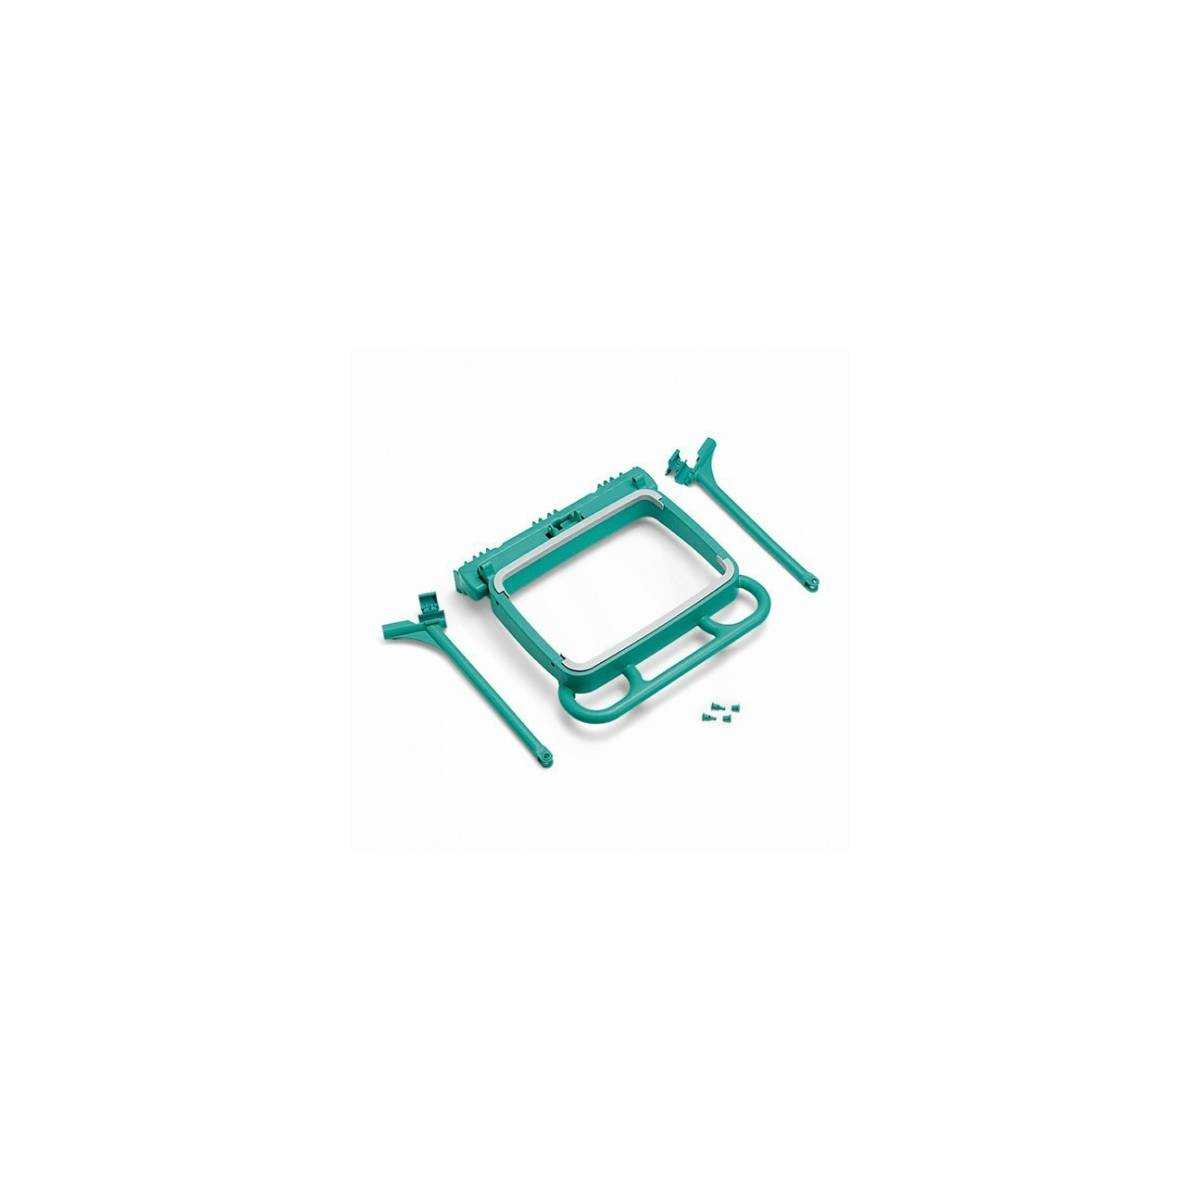 Складной держатель мешка 120л для тележек GreenLine (S070310) S070310 TTS